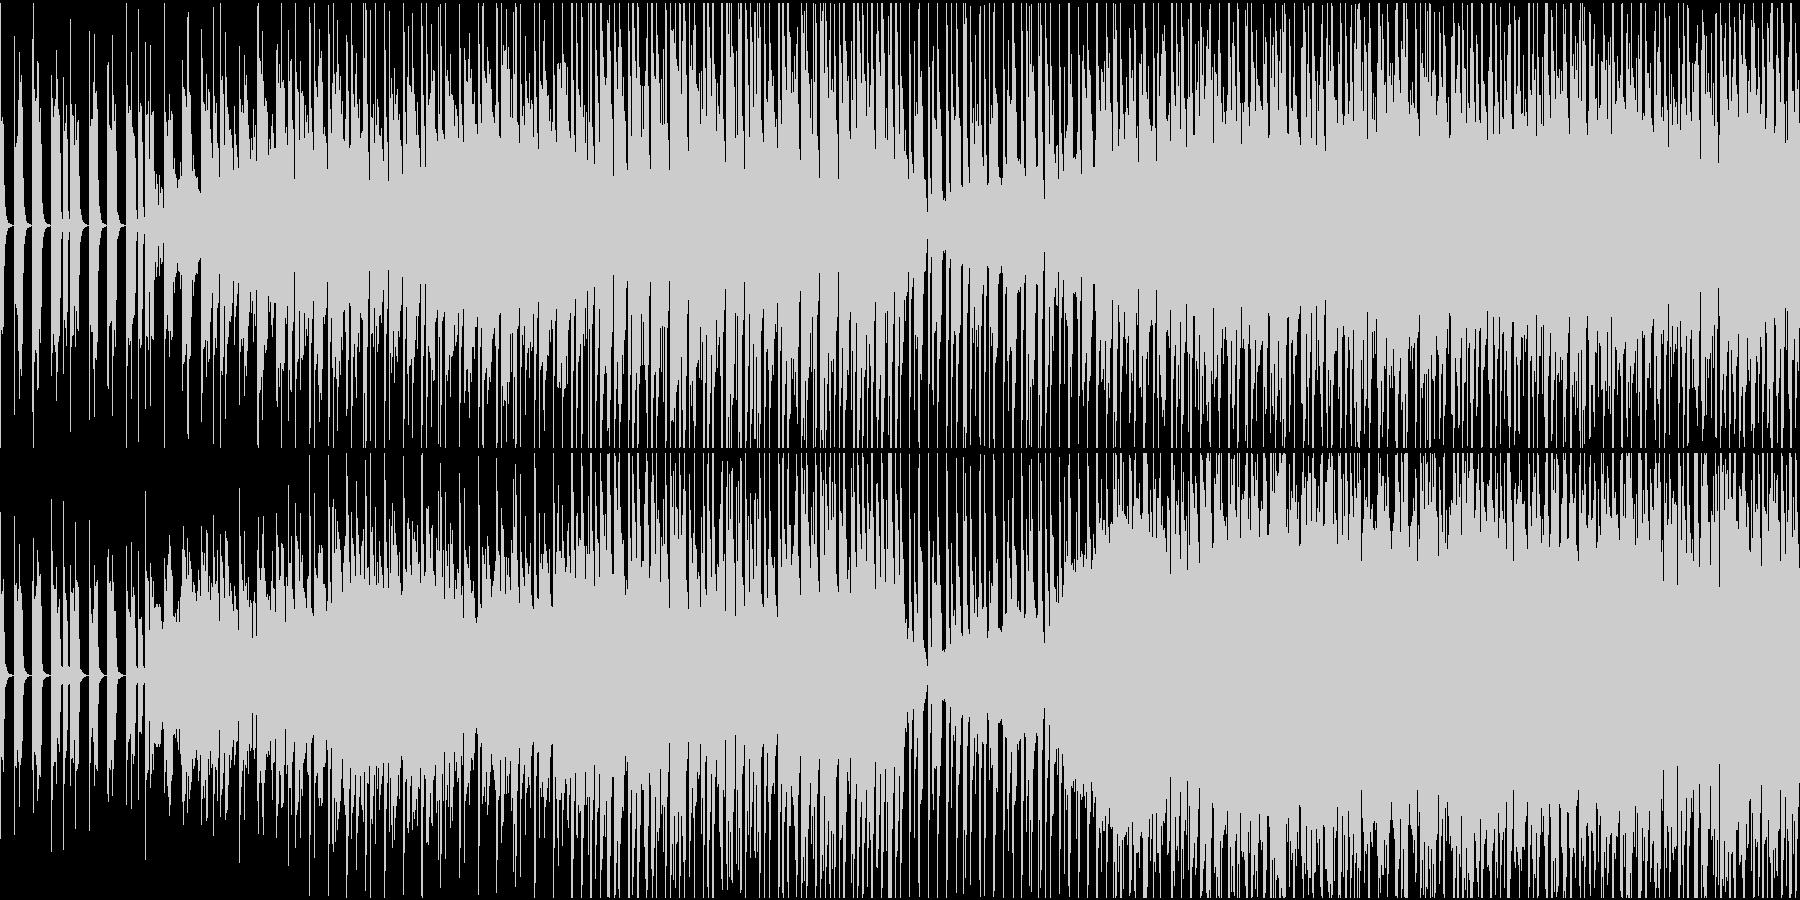 カワイイ系、サワヤカなシンセポップBGMの未再生の波形